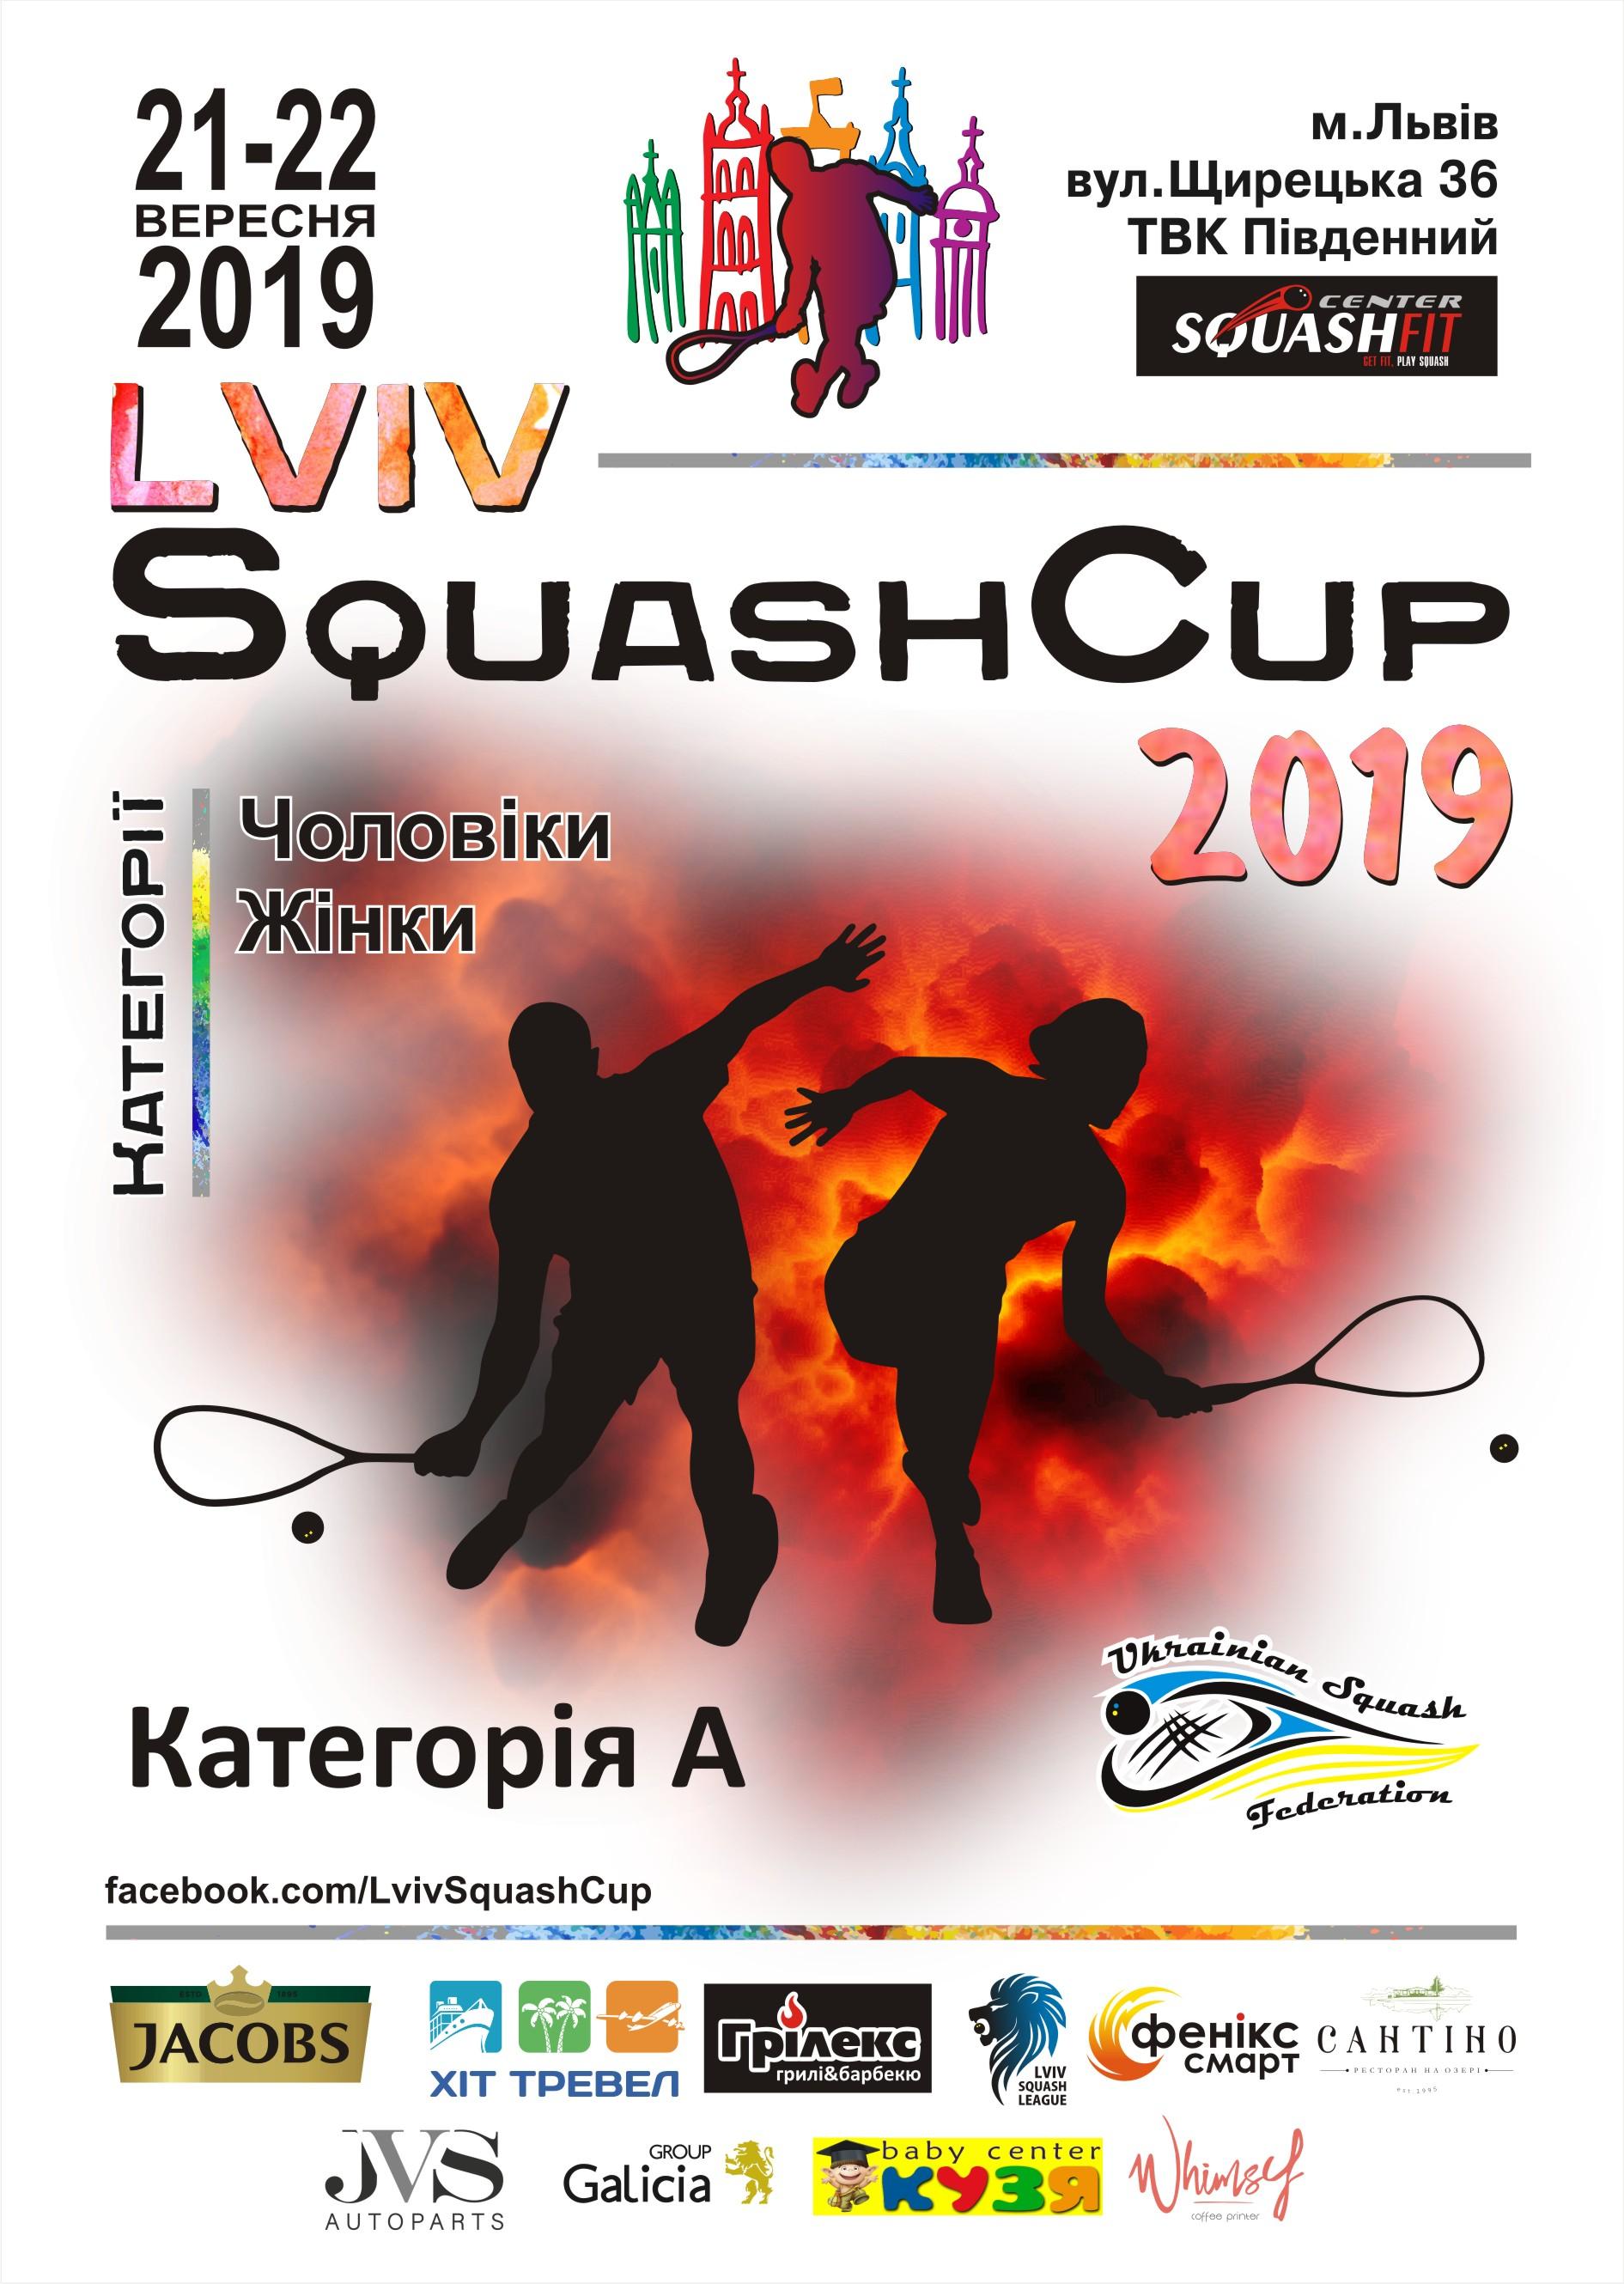 Lviv Squash Cup 2019